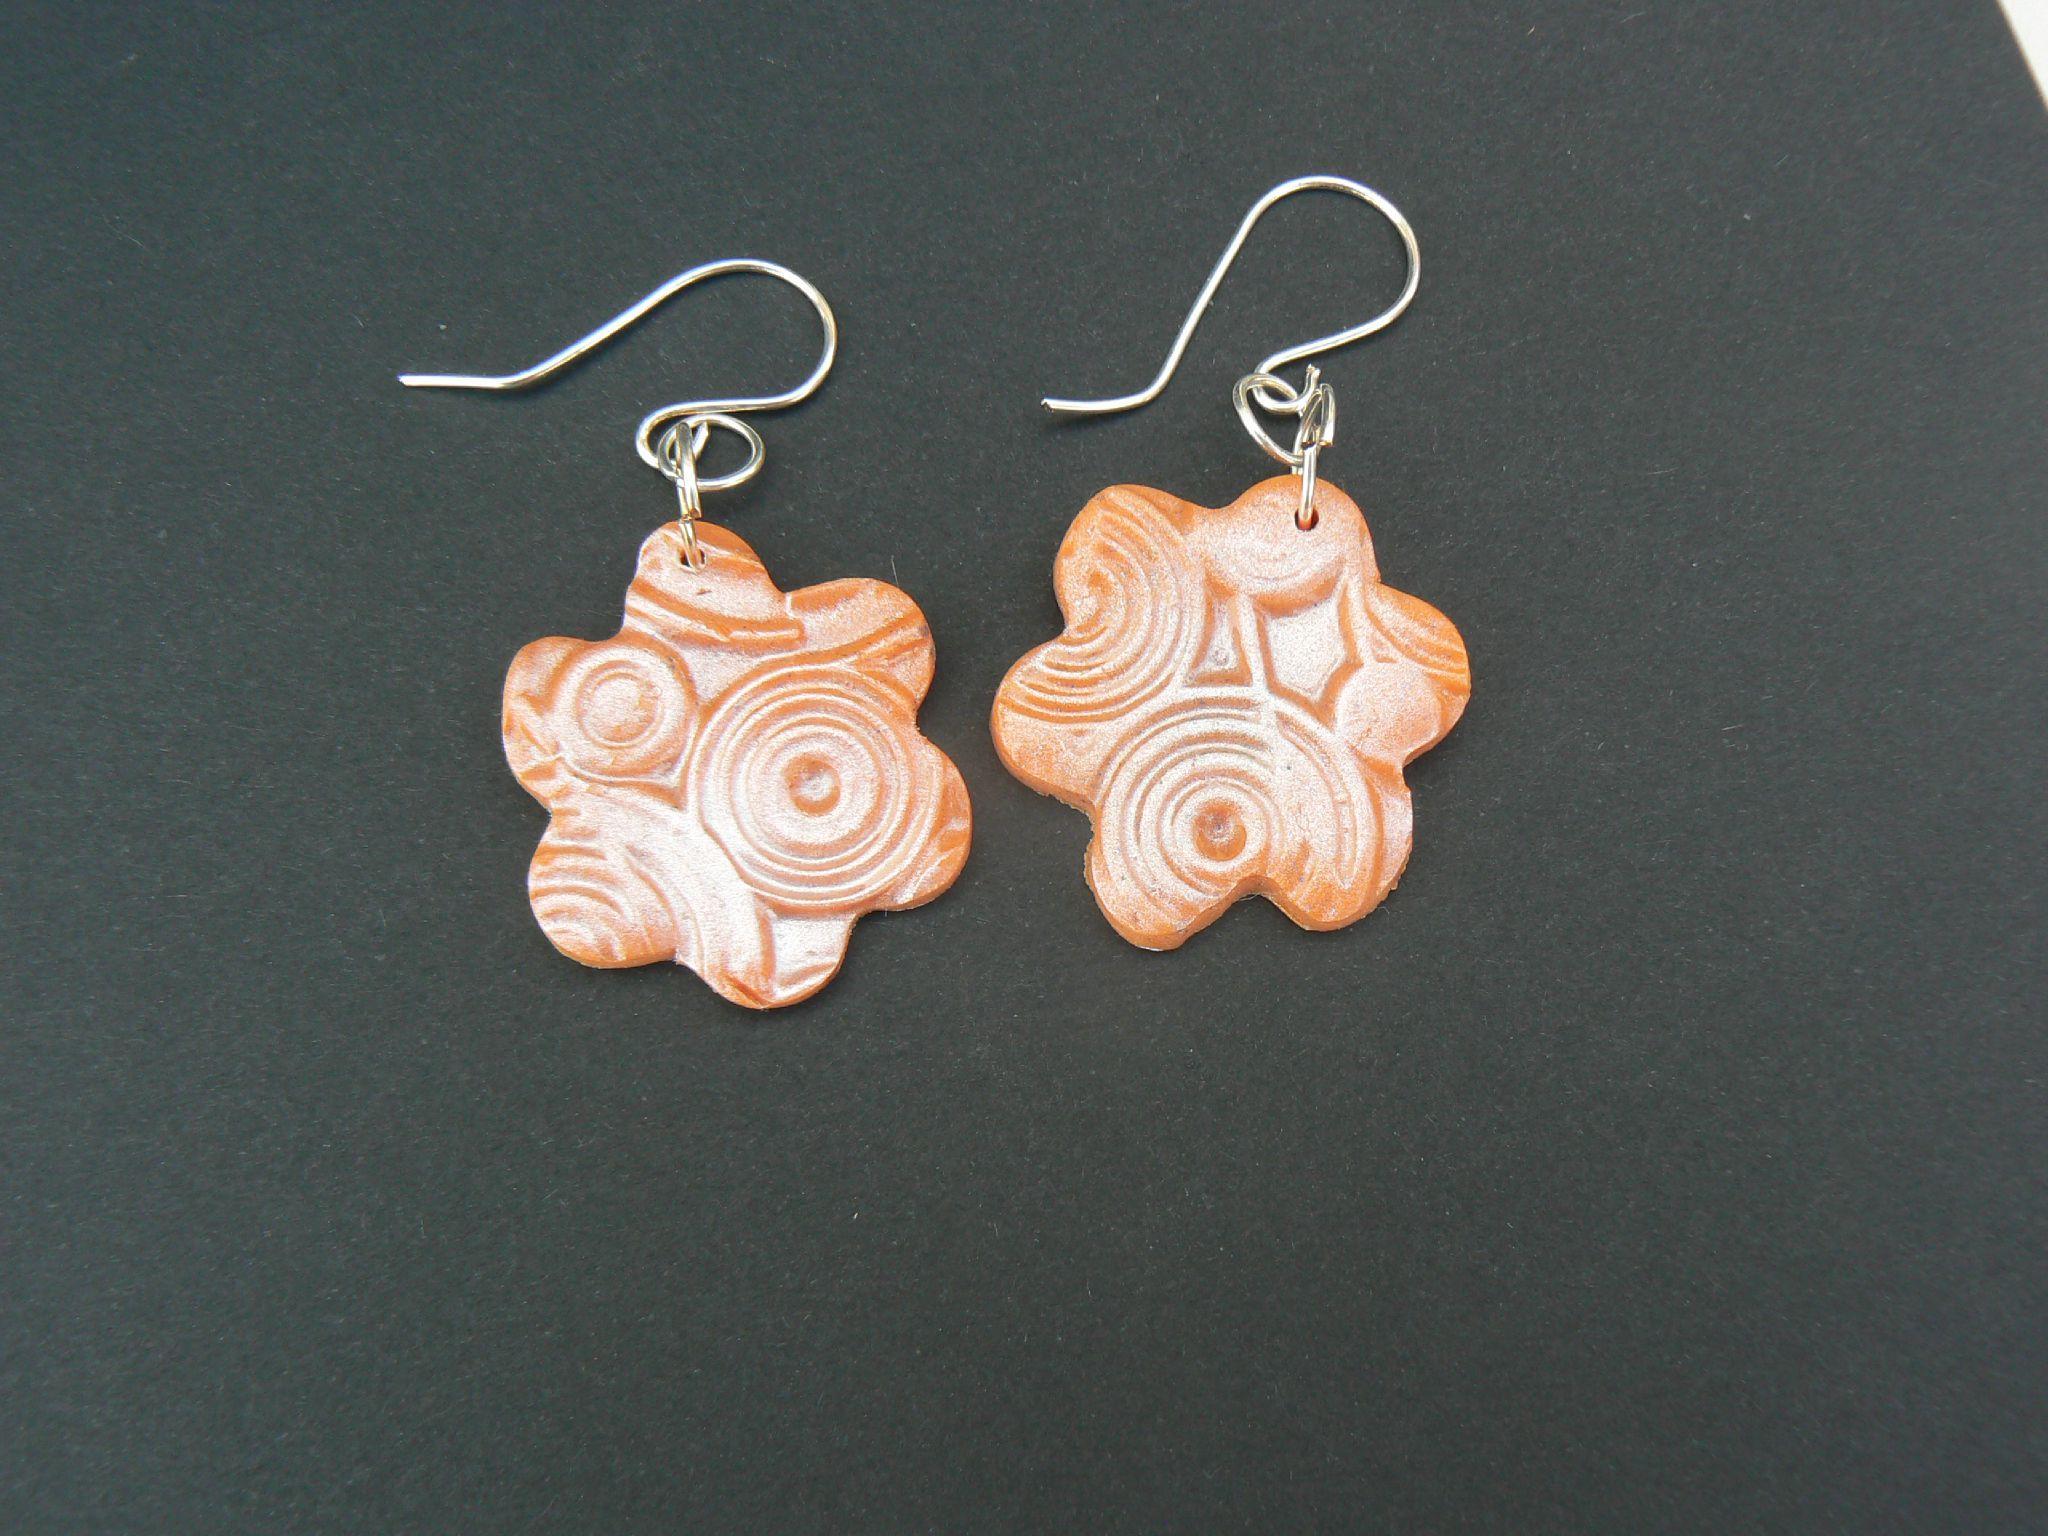 boucles d'oreilles a vendre 2012 08 032